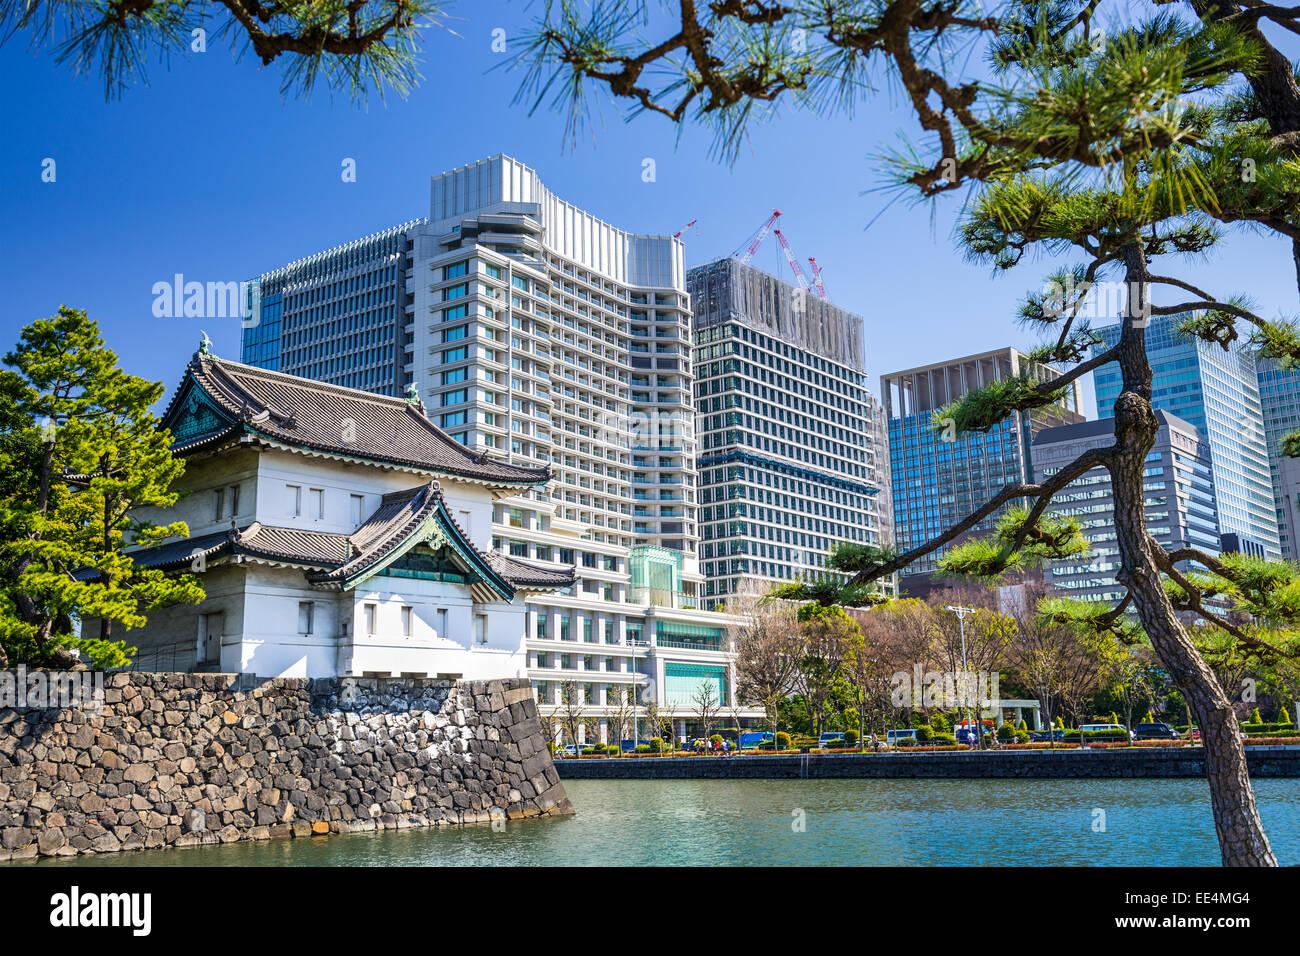 Tokio, Japón en el foso del Palacio Imperial de la torre. Imagen De Stock